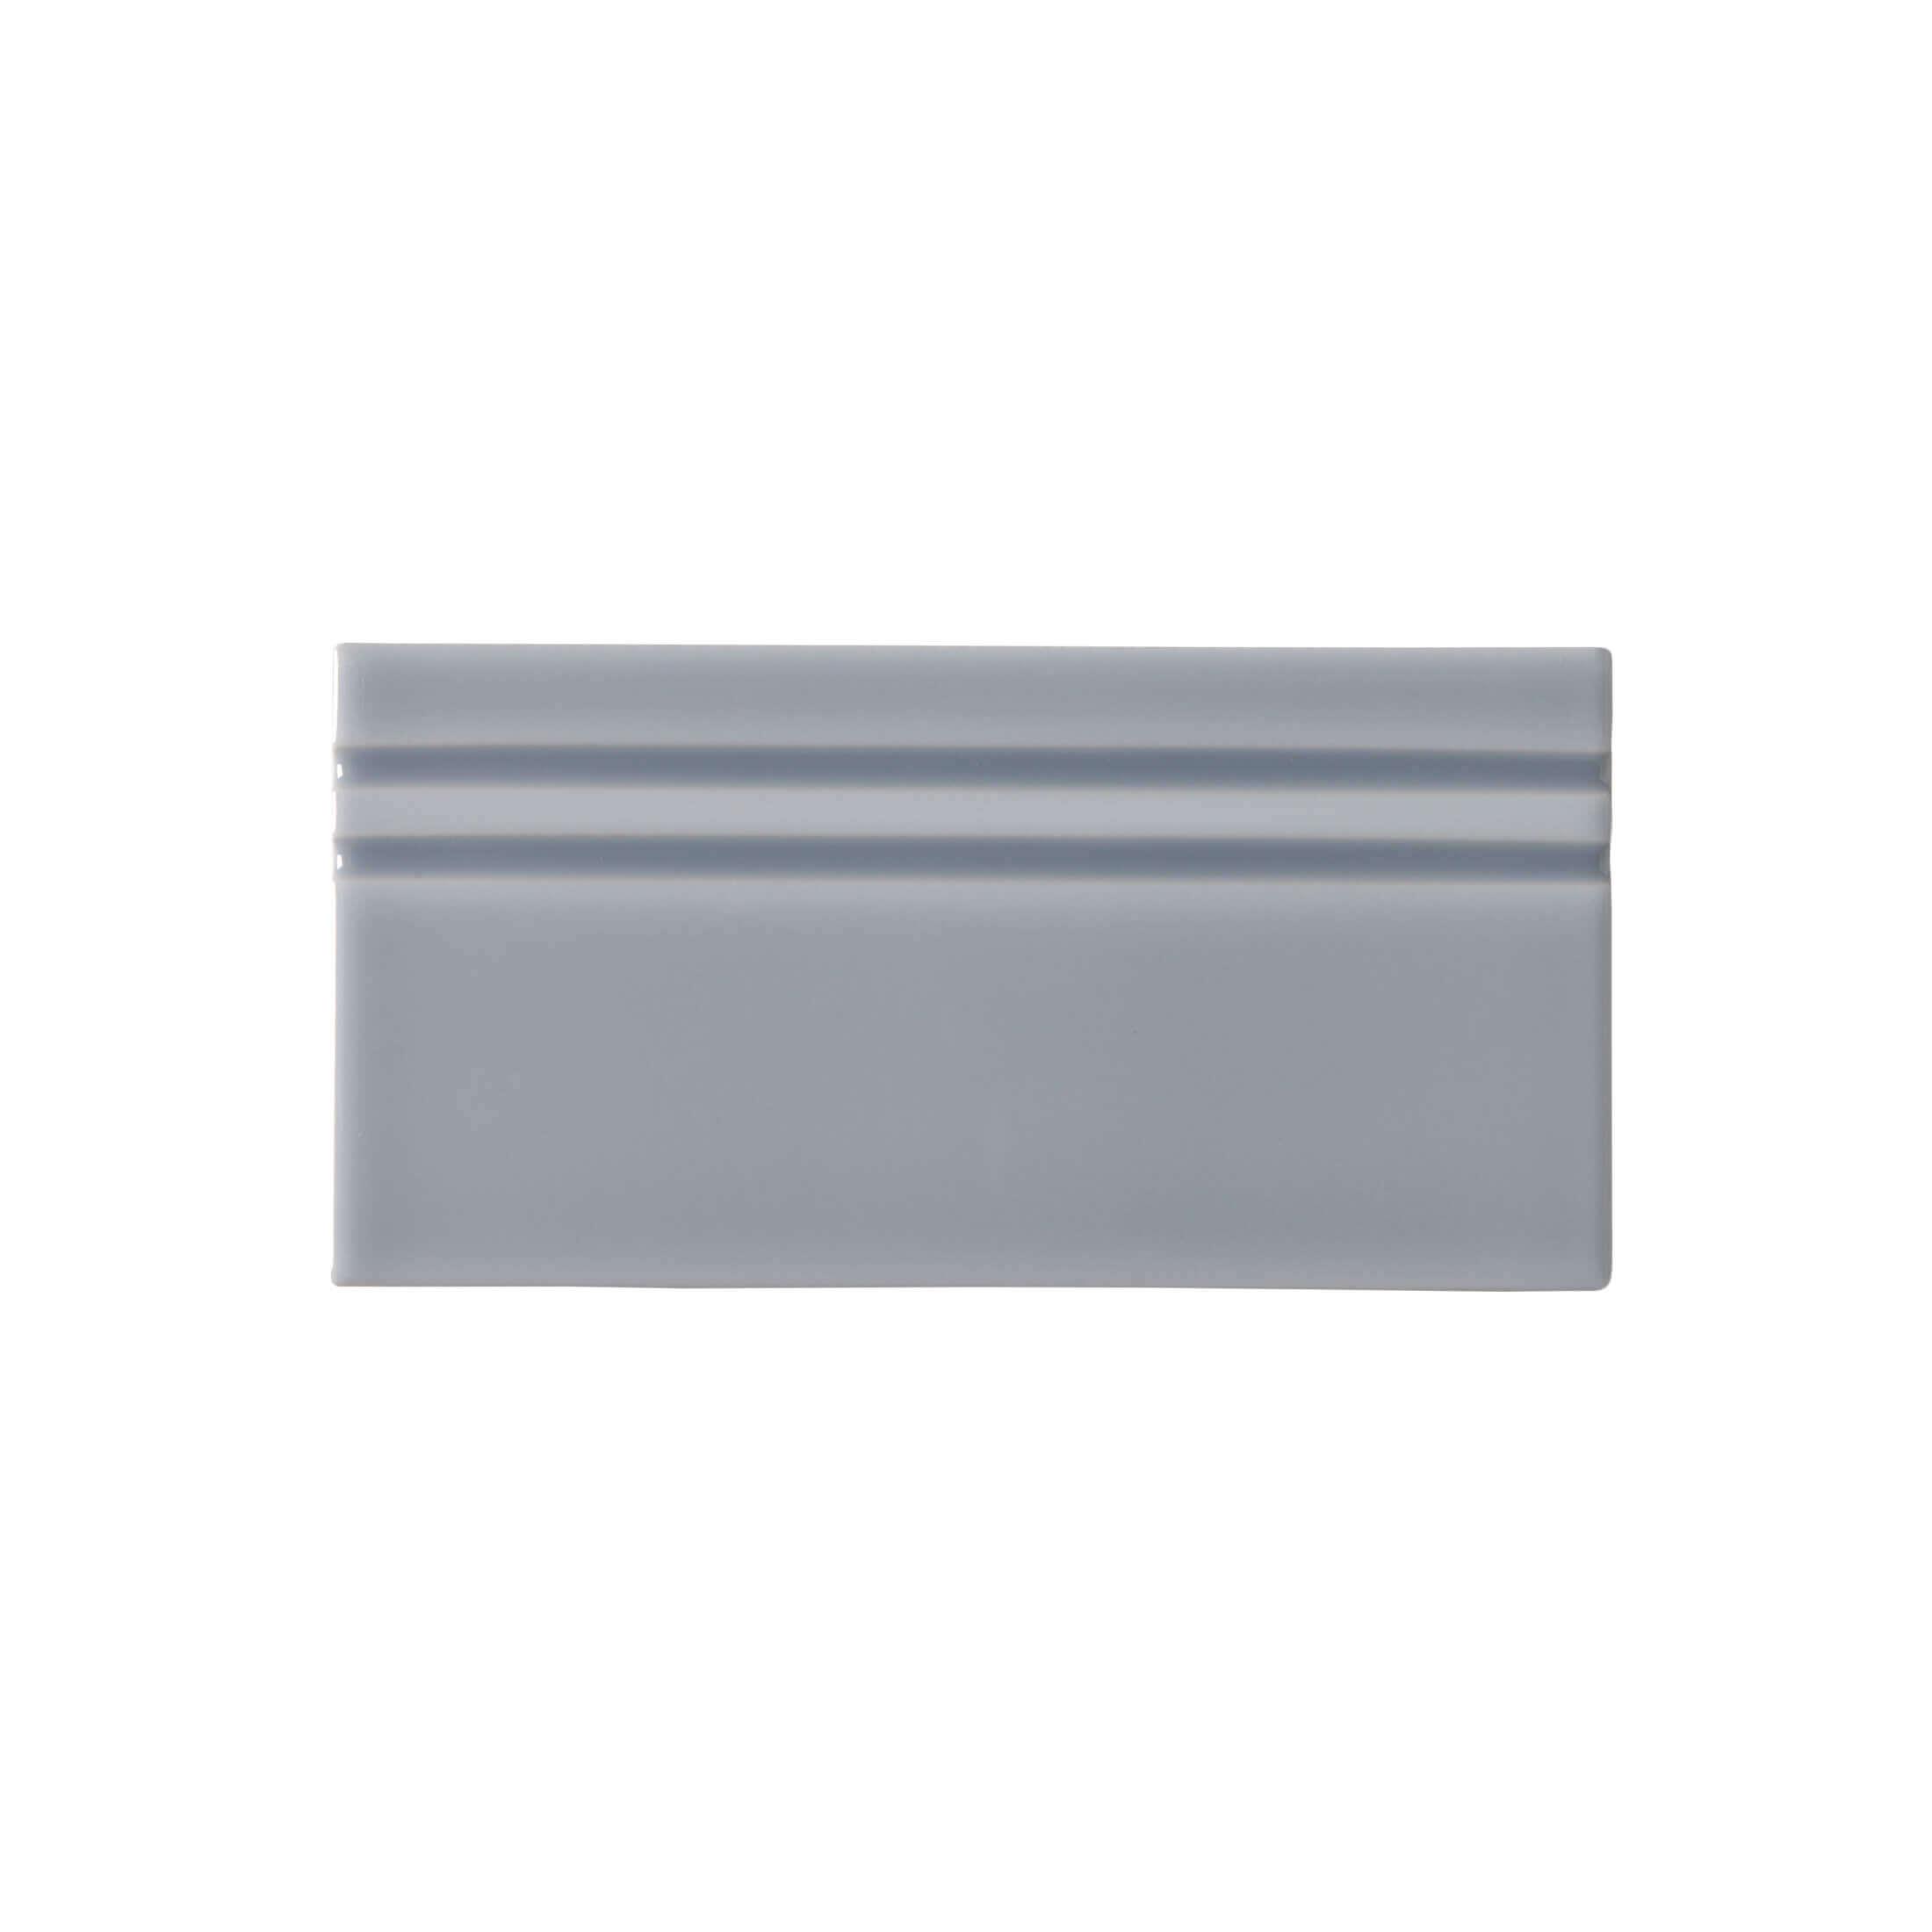 ADRI5090 - 10 cm X 20 cm